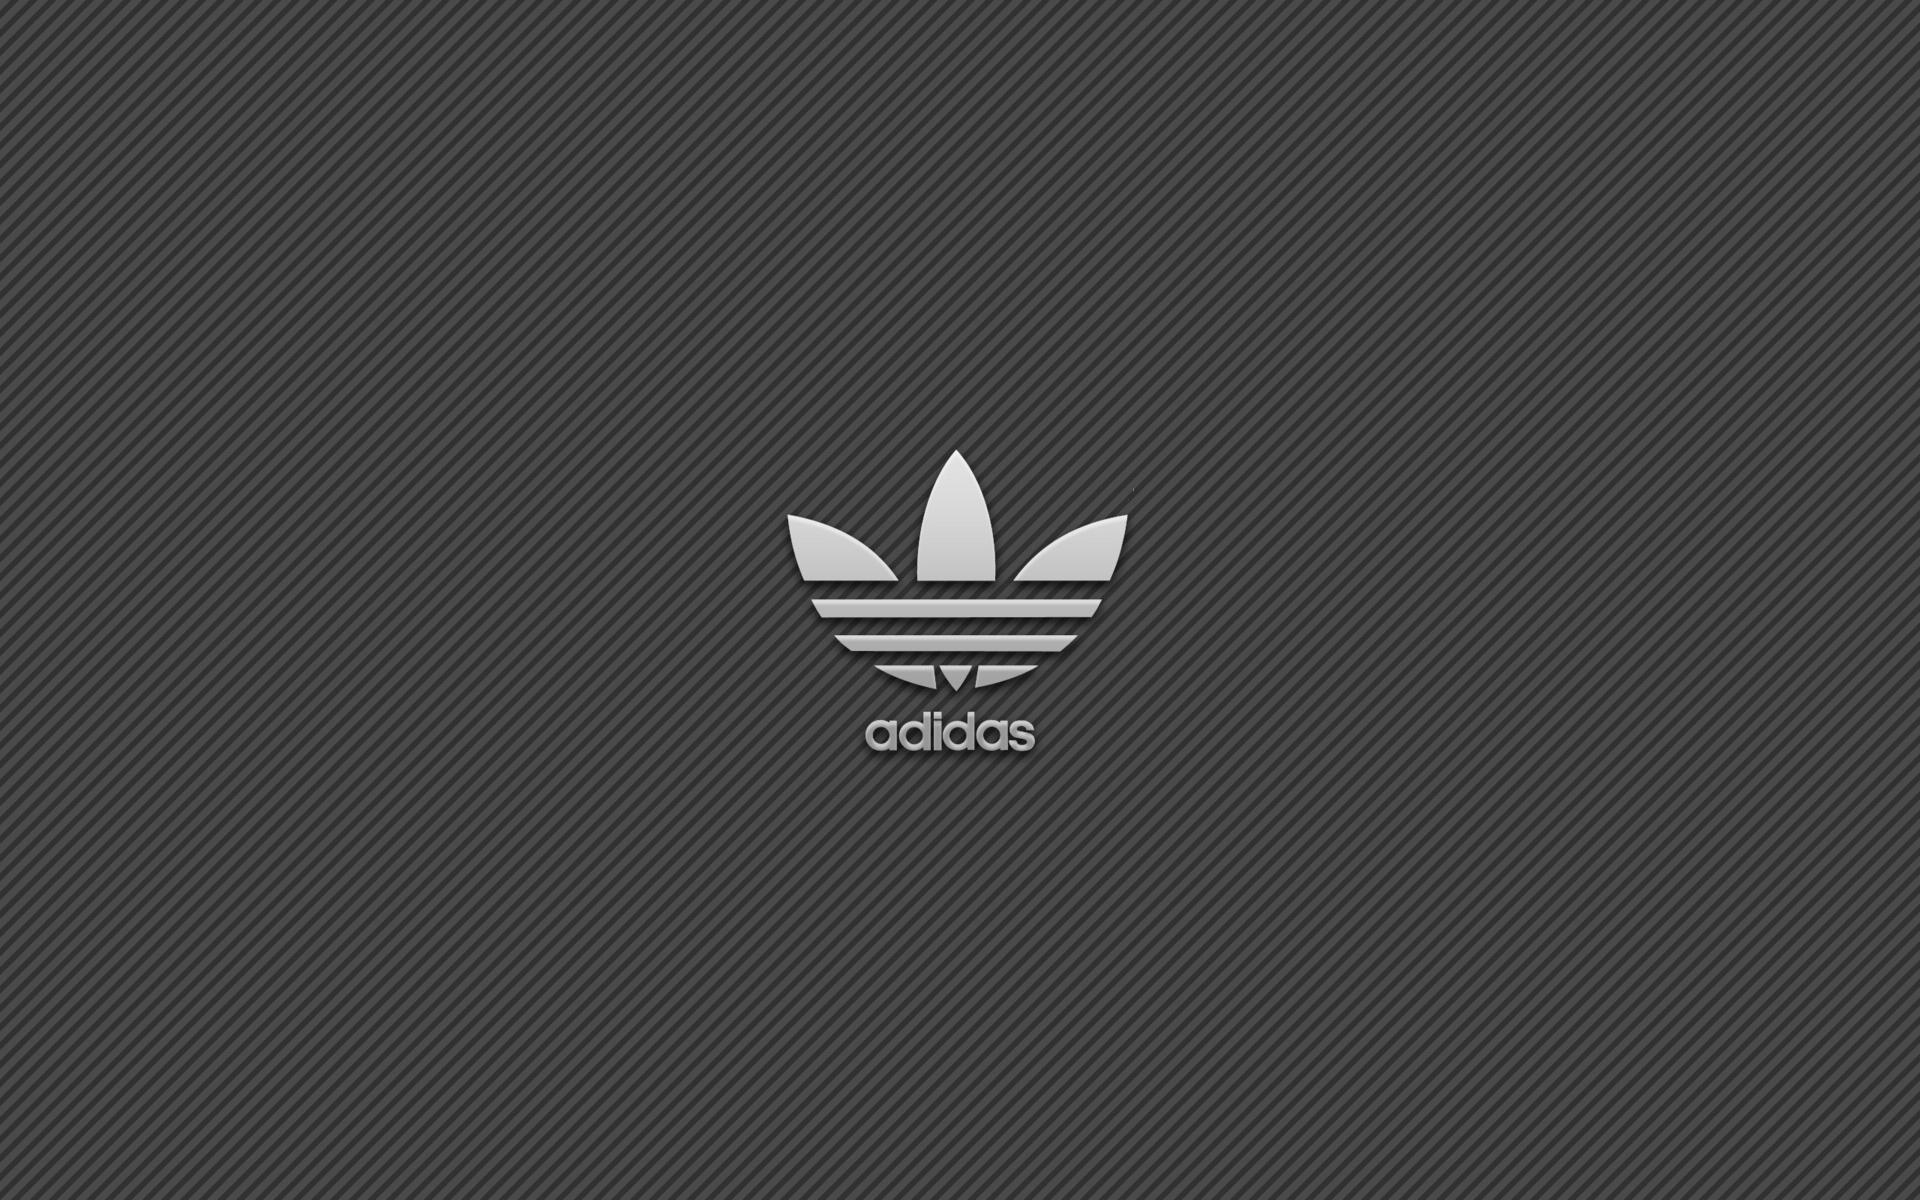 阿迪达斯 adidas 品牌壁纸图片